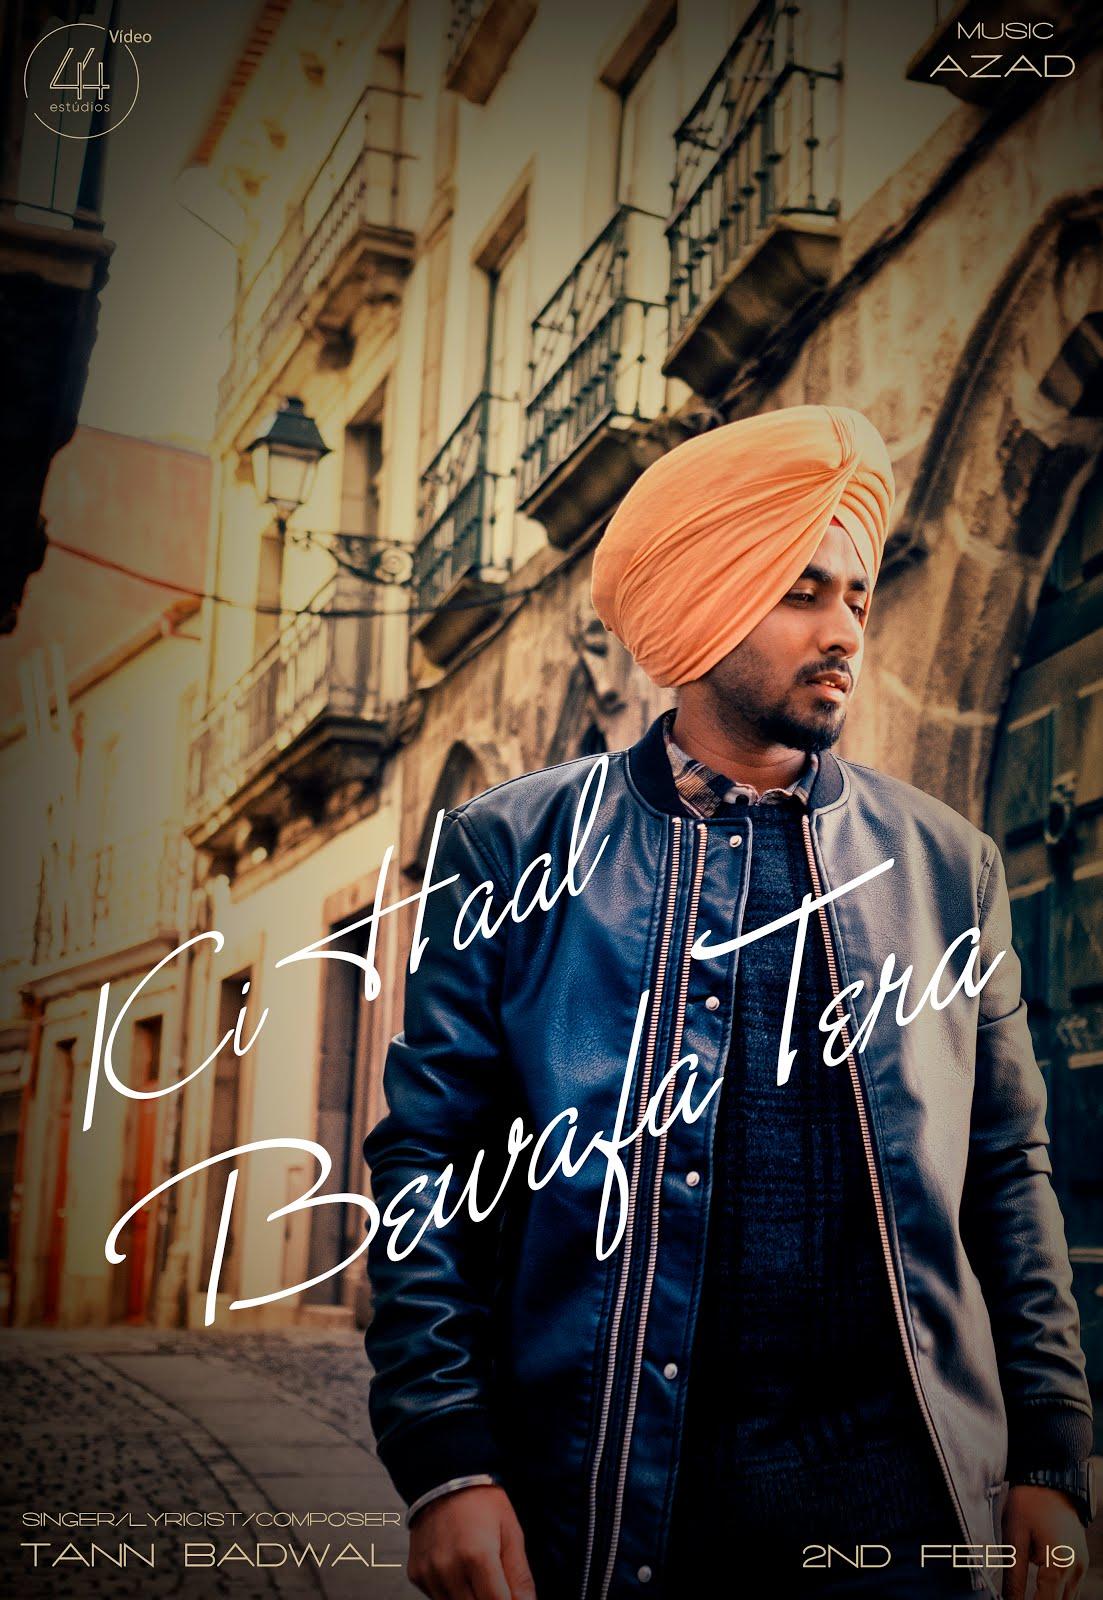 Ki Haal Bewafa Tera | Tann Badwal | Tann Badwal Latest Songs